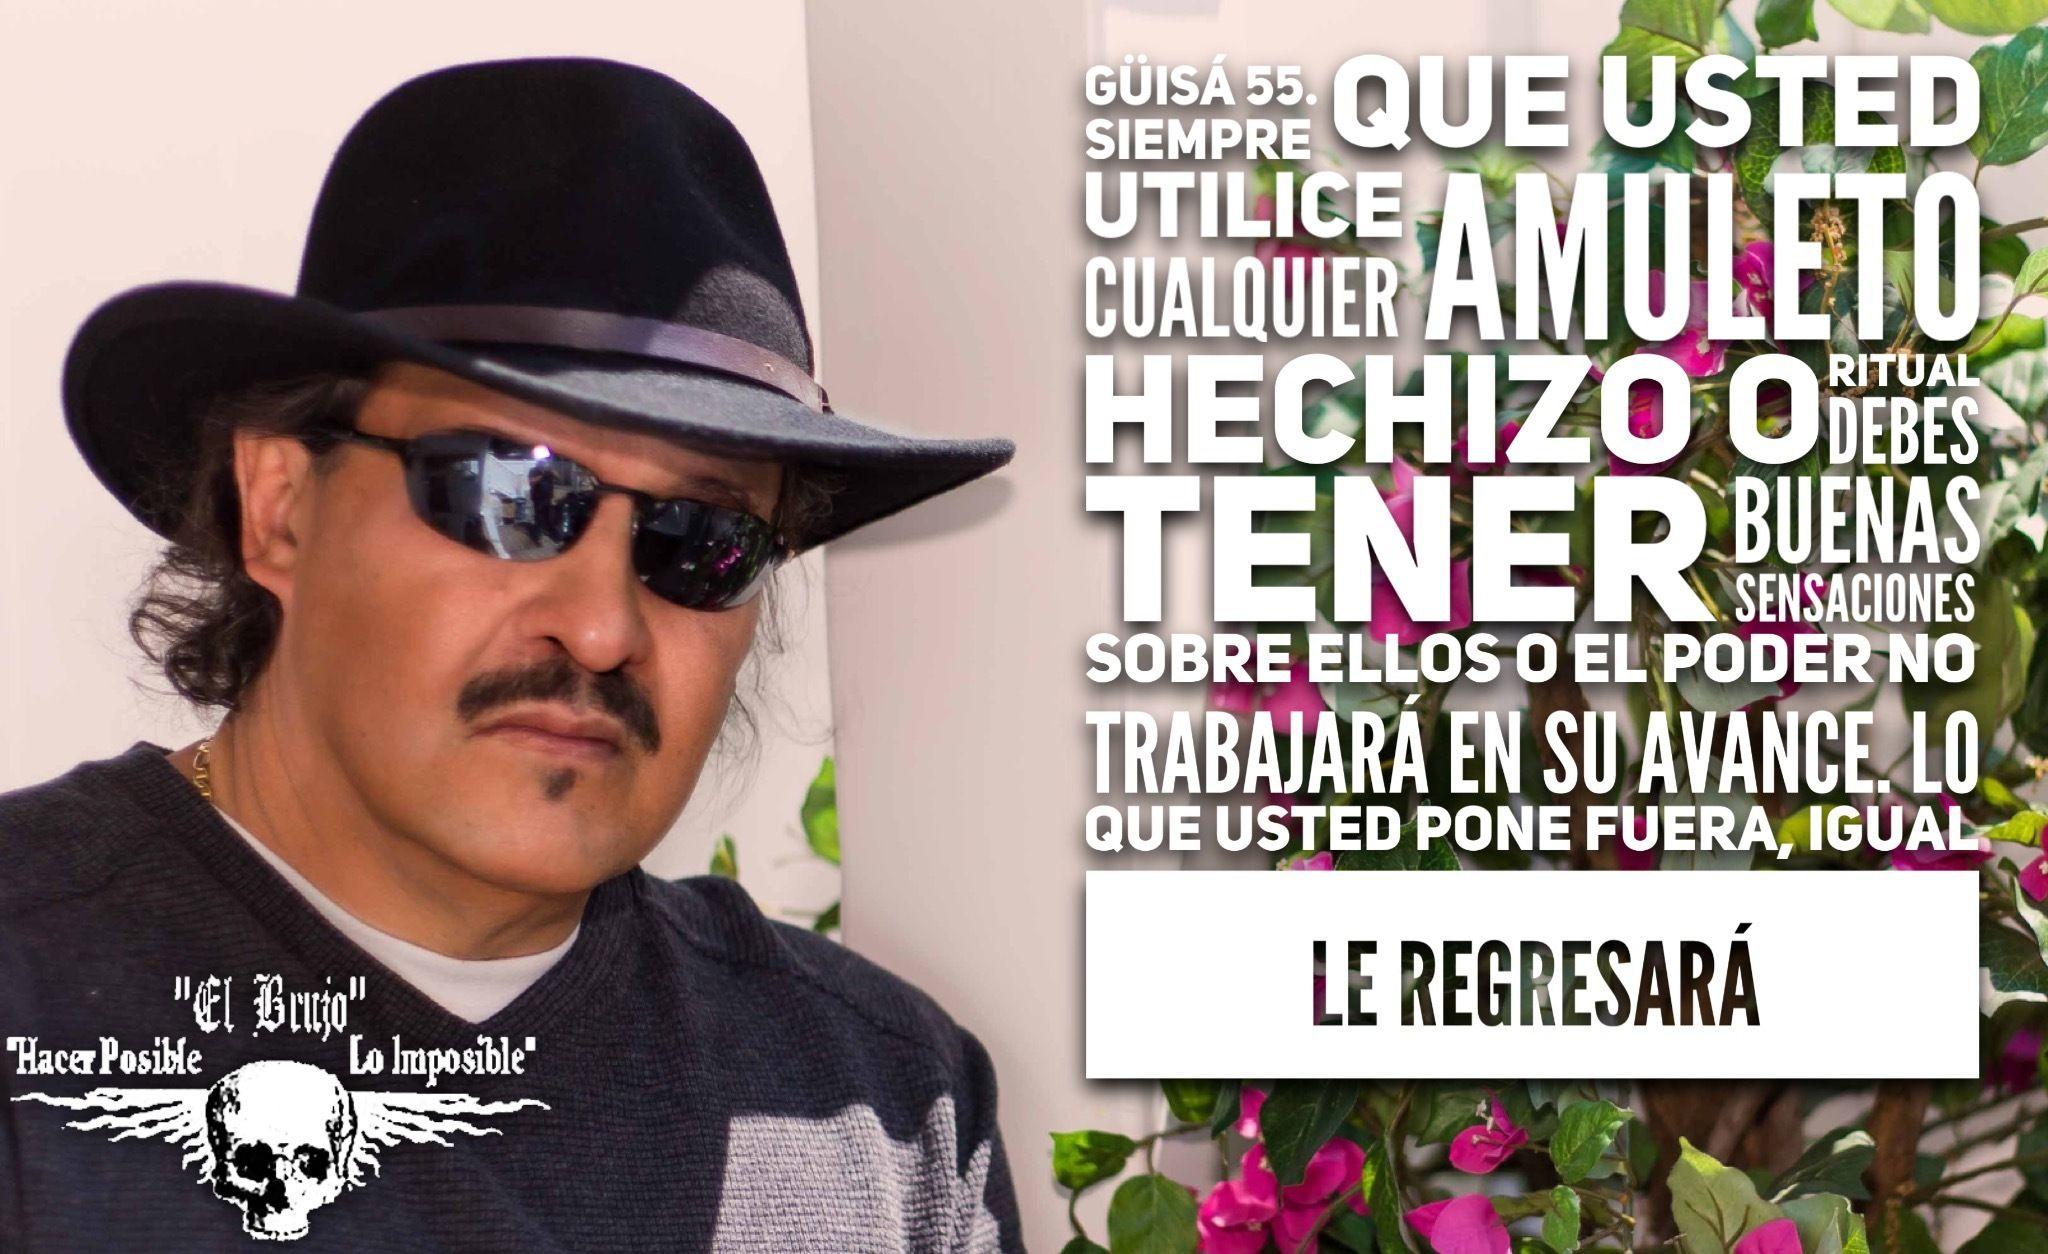 debes #elbrujo.net #Kimbiza #brujeria #Amor #Dinero #Salud #Suerte #Poder #Frases #elbrujo #brujo #magia